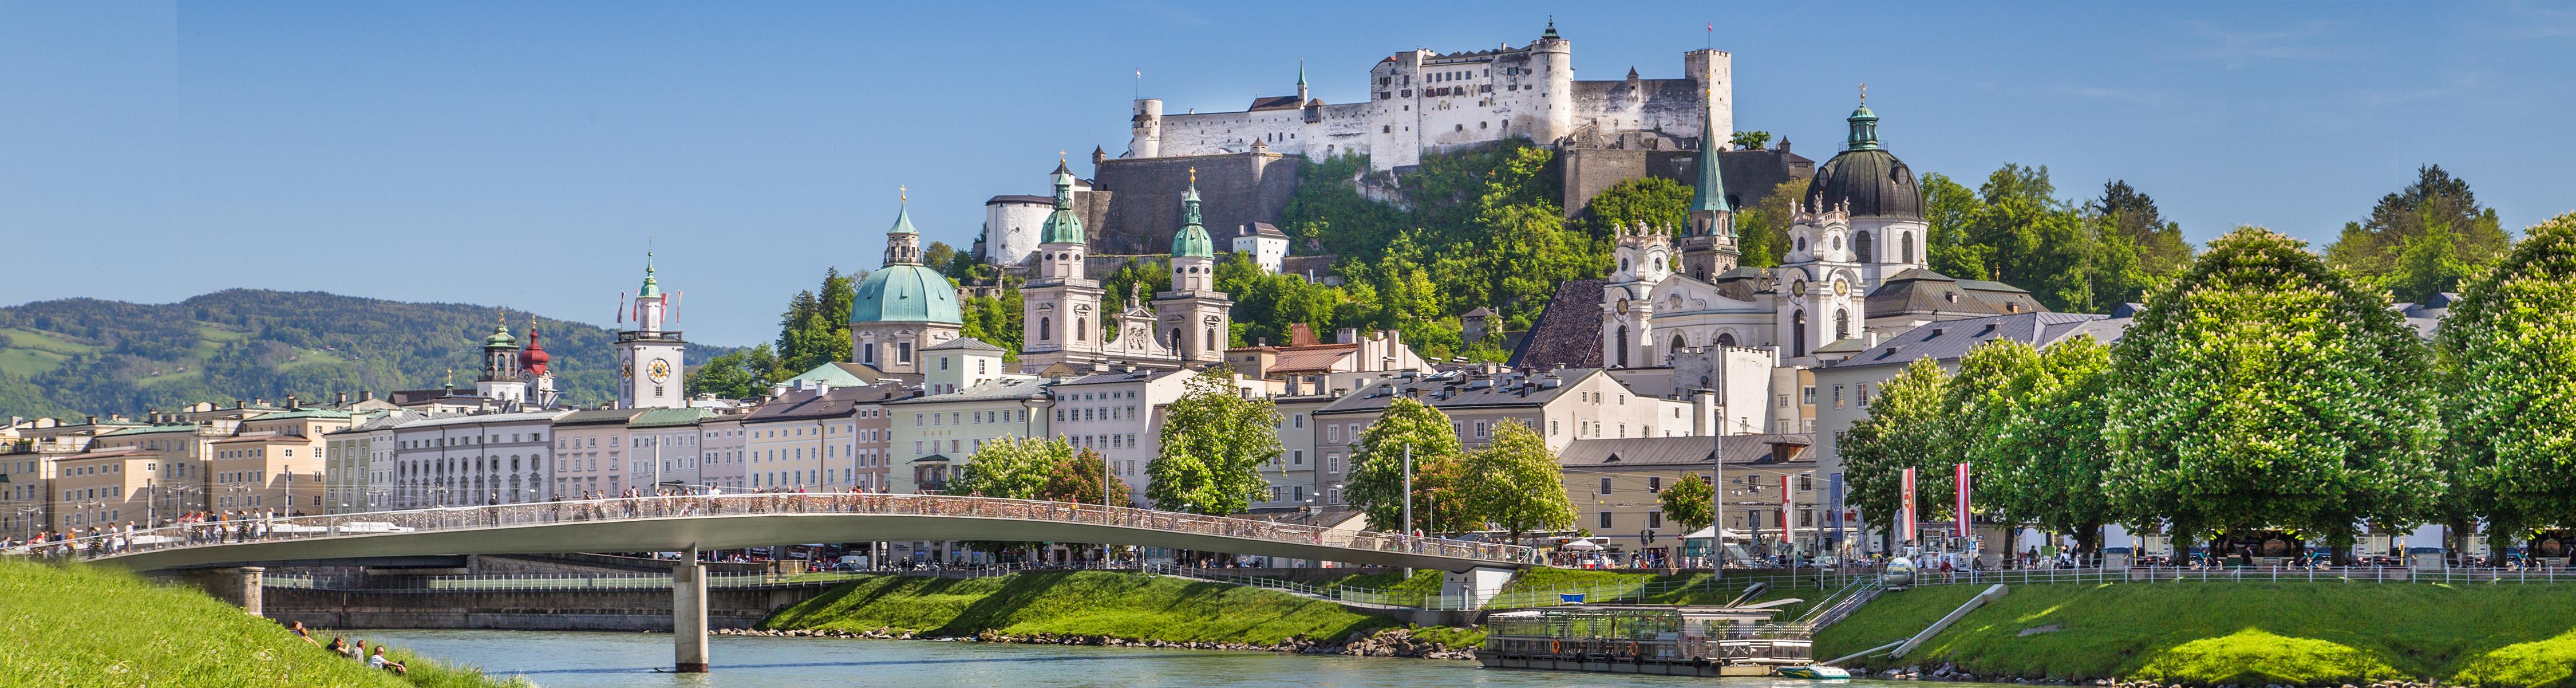 OVB Salzburg